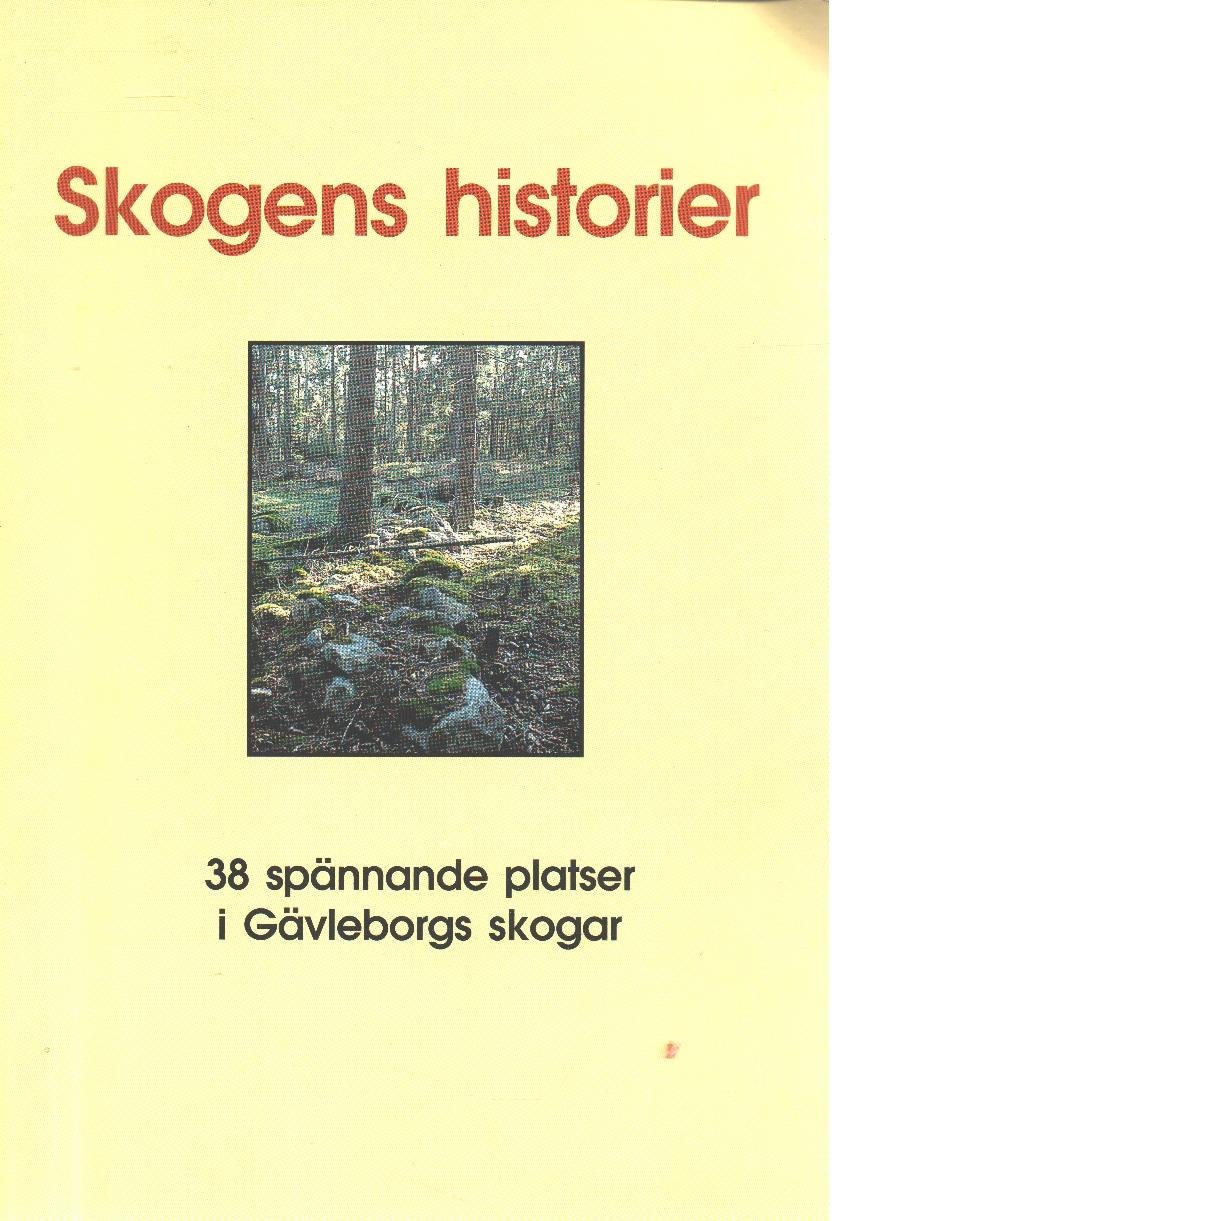 Skogens historier. [d. 1], 38 spännande platser i gävleborgs skogar - Red.